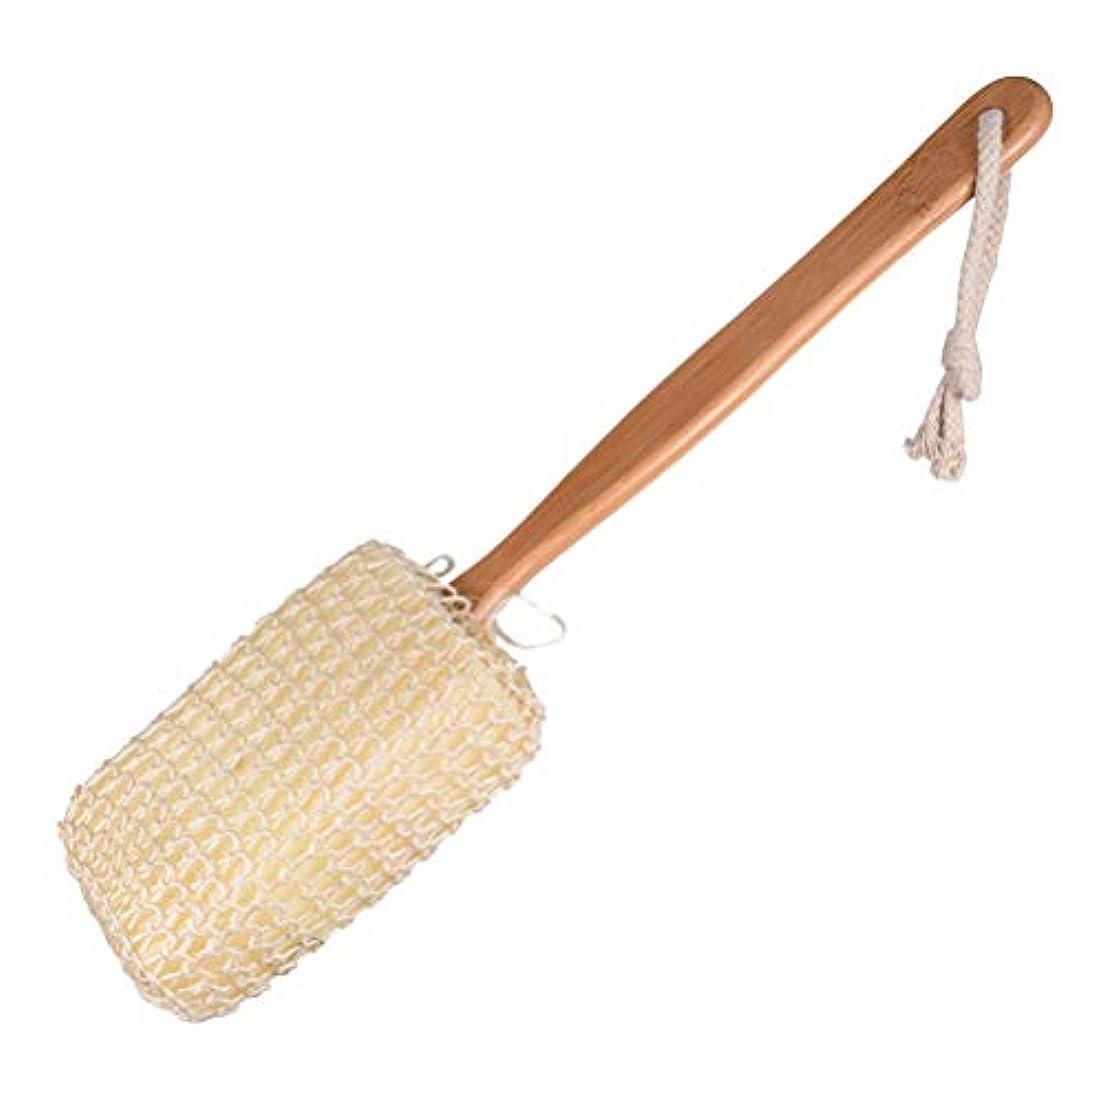 ライセンス役に立たない周辺Yardwe ドライブラッシングボディーブラシナチュラルサイザルスポンジ取り外し可能な長い木製の竹のハンドル死んだ皮膚はセルライトの剥離を助けます